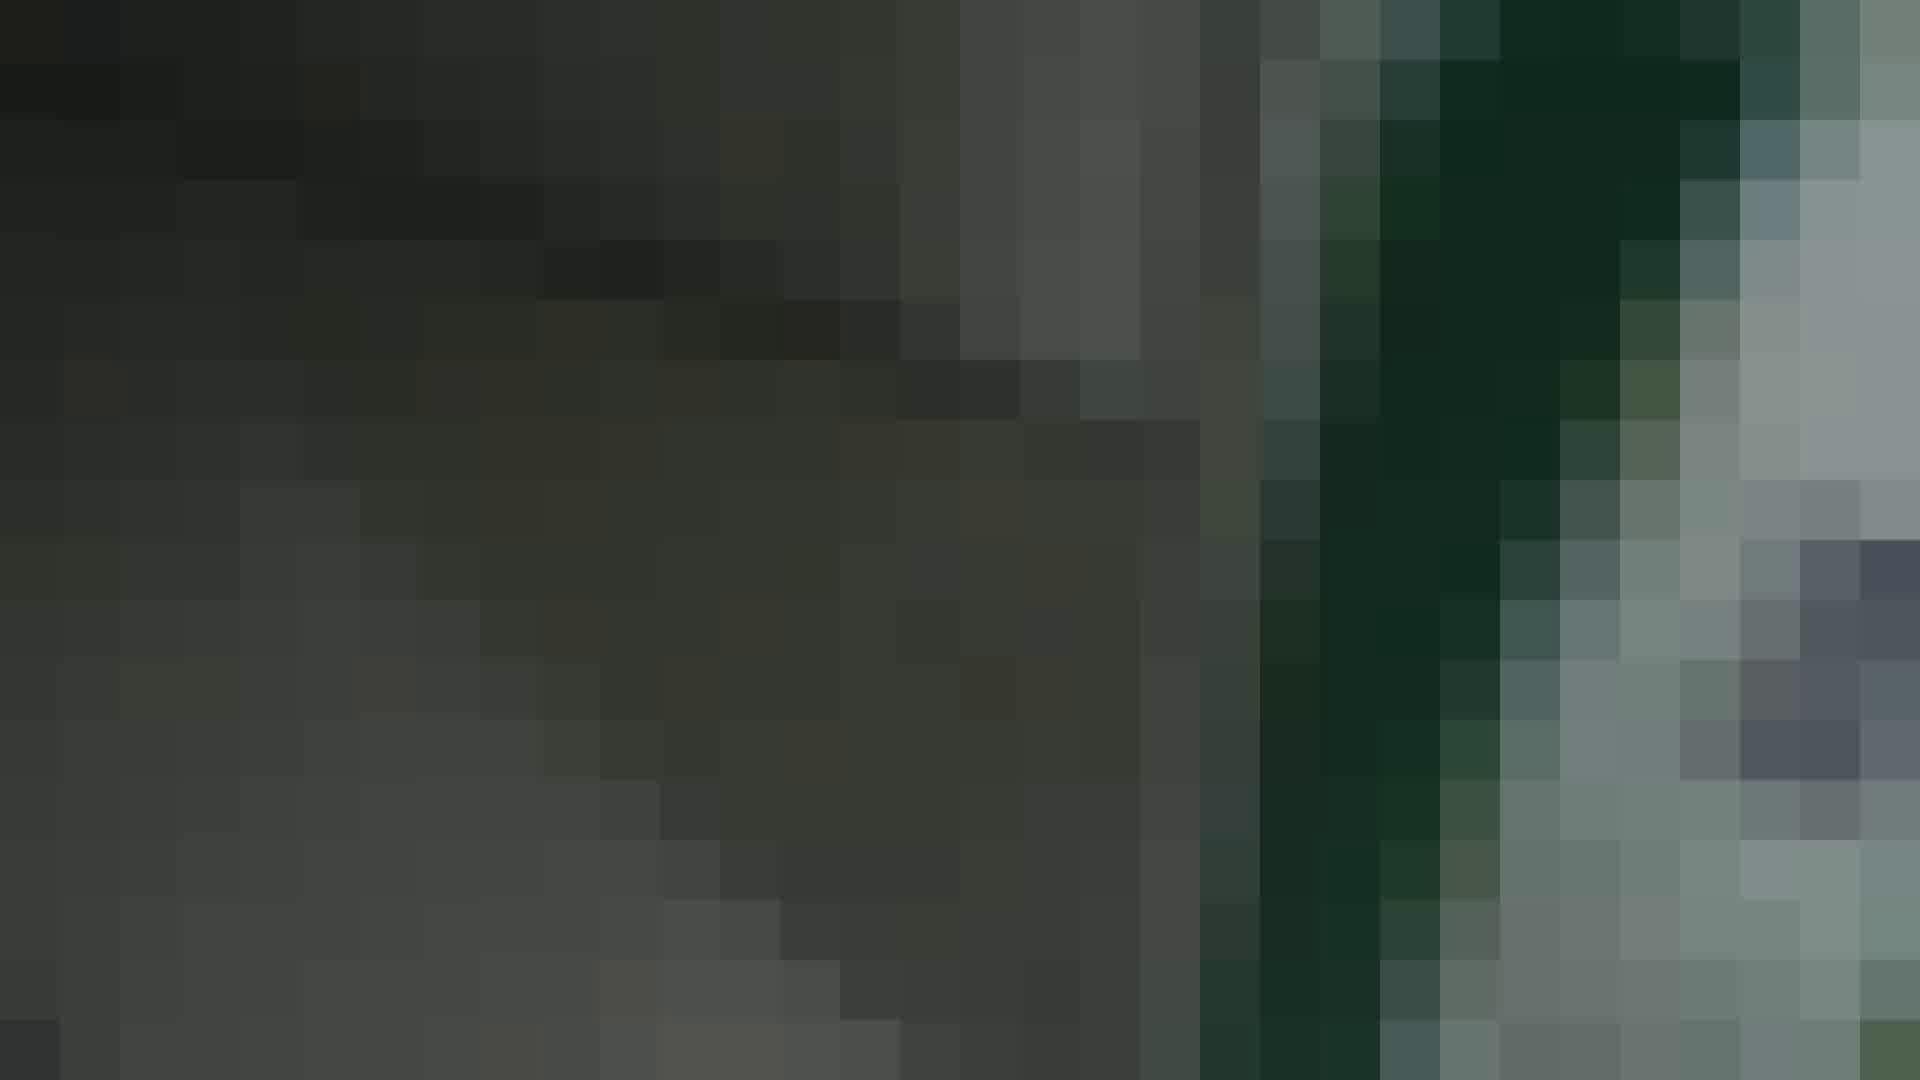 vol.25三十時間潜り、一つしか出会えない完璧桃尻編 byお銀 HなOL 性交動画流出 96pic 11